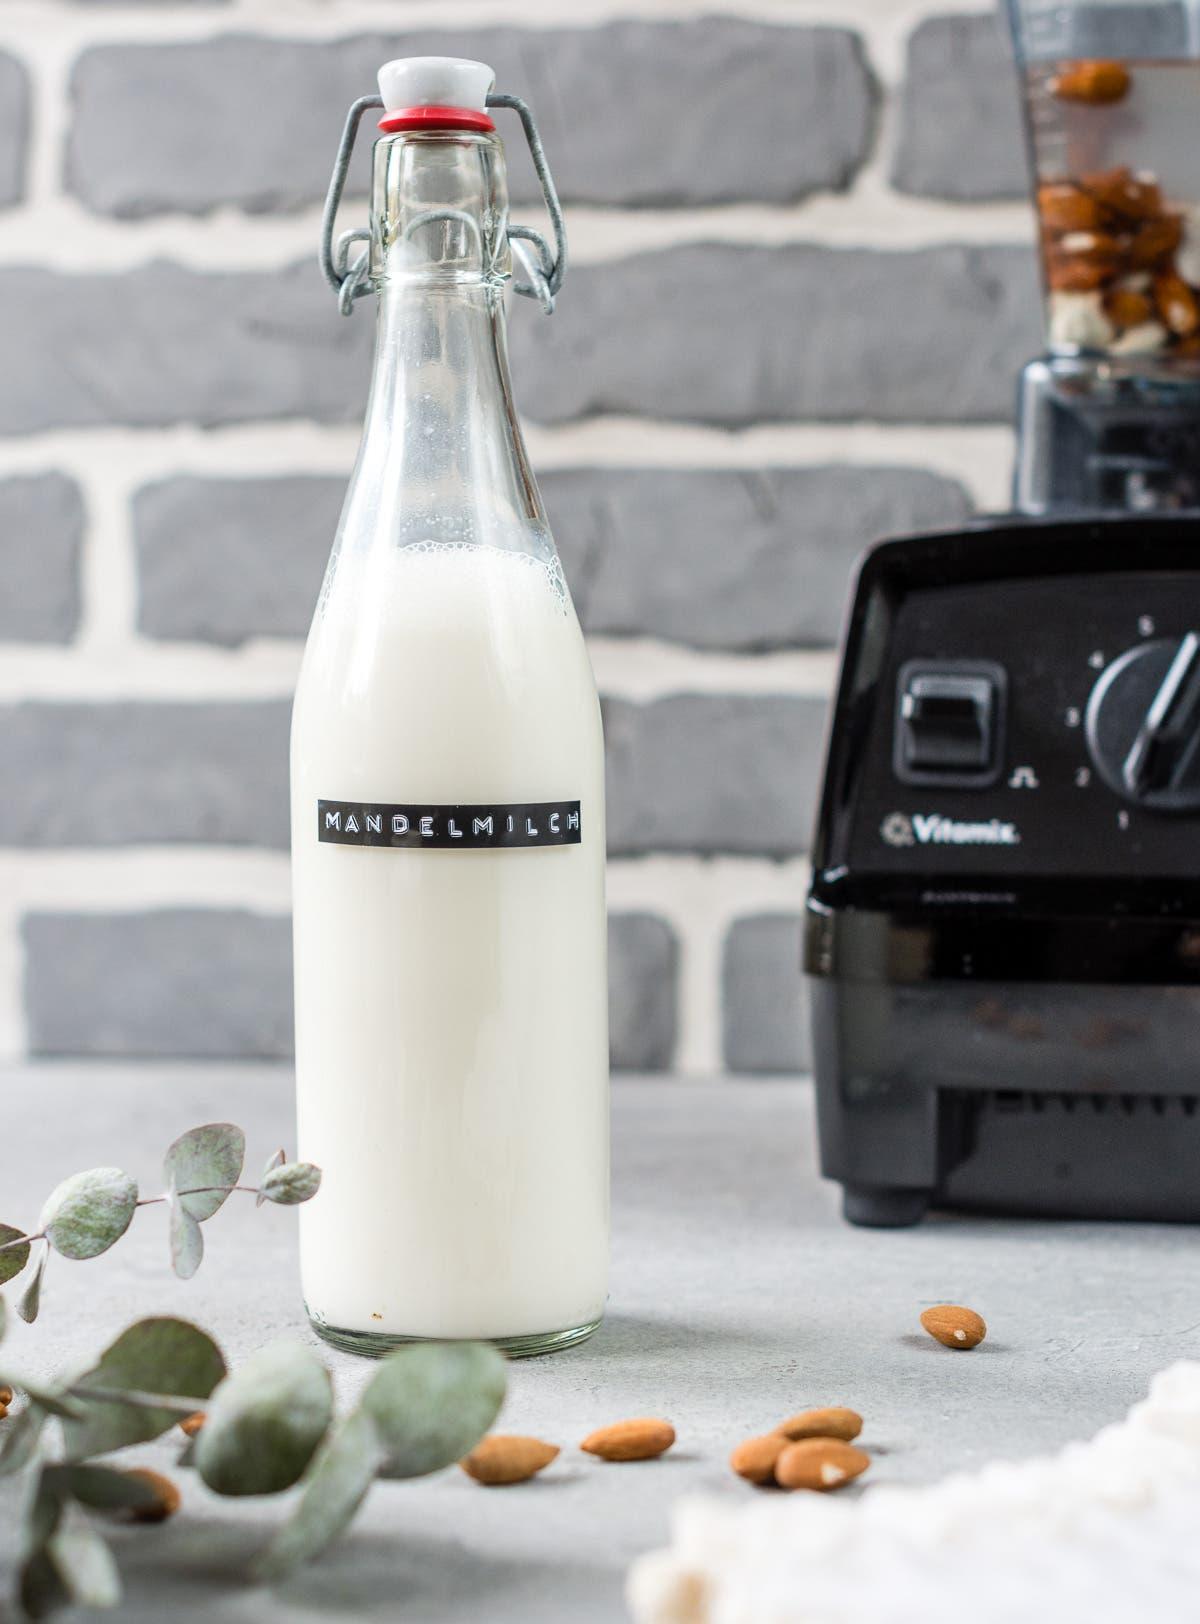 Selbstgemachte Mandelmilch in Bügelflasche vor Mixer